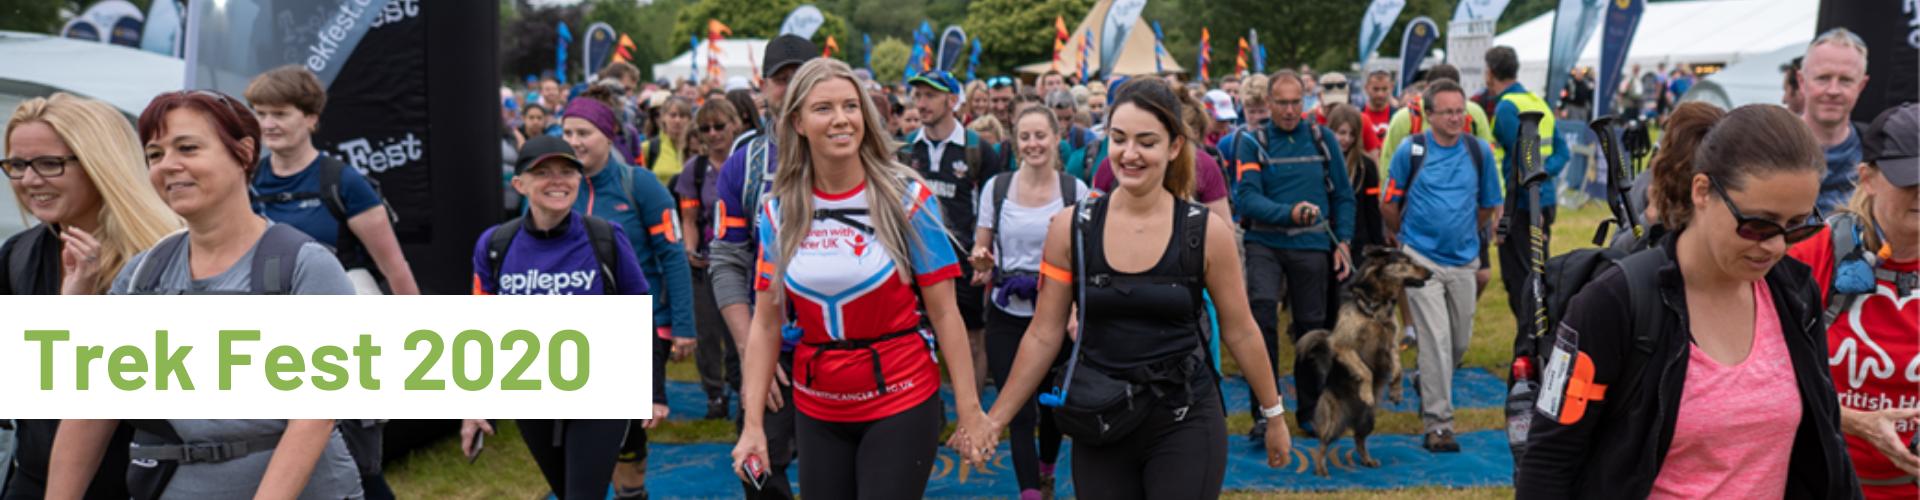 Trek Fest 2020